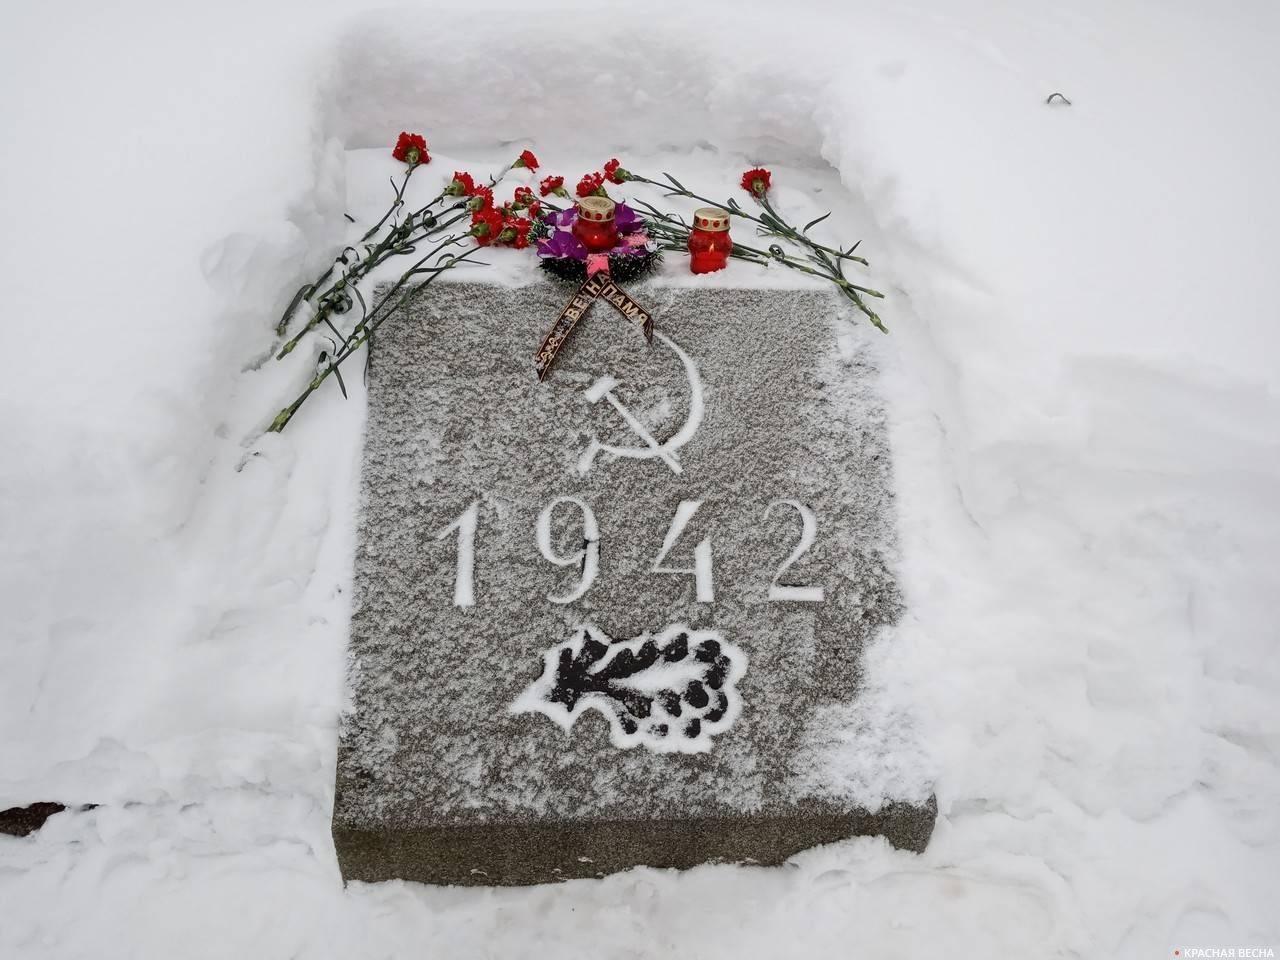 Памятный камень с указанием года захоронения гражданского населения в братской могиле. Пискаревское мемориальное кладбище, Санкт-Петербург